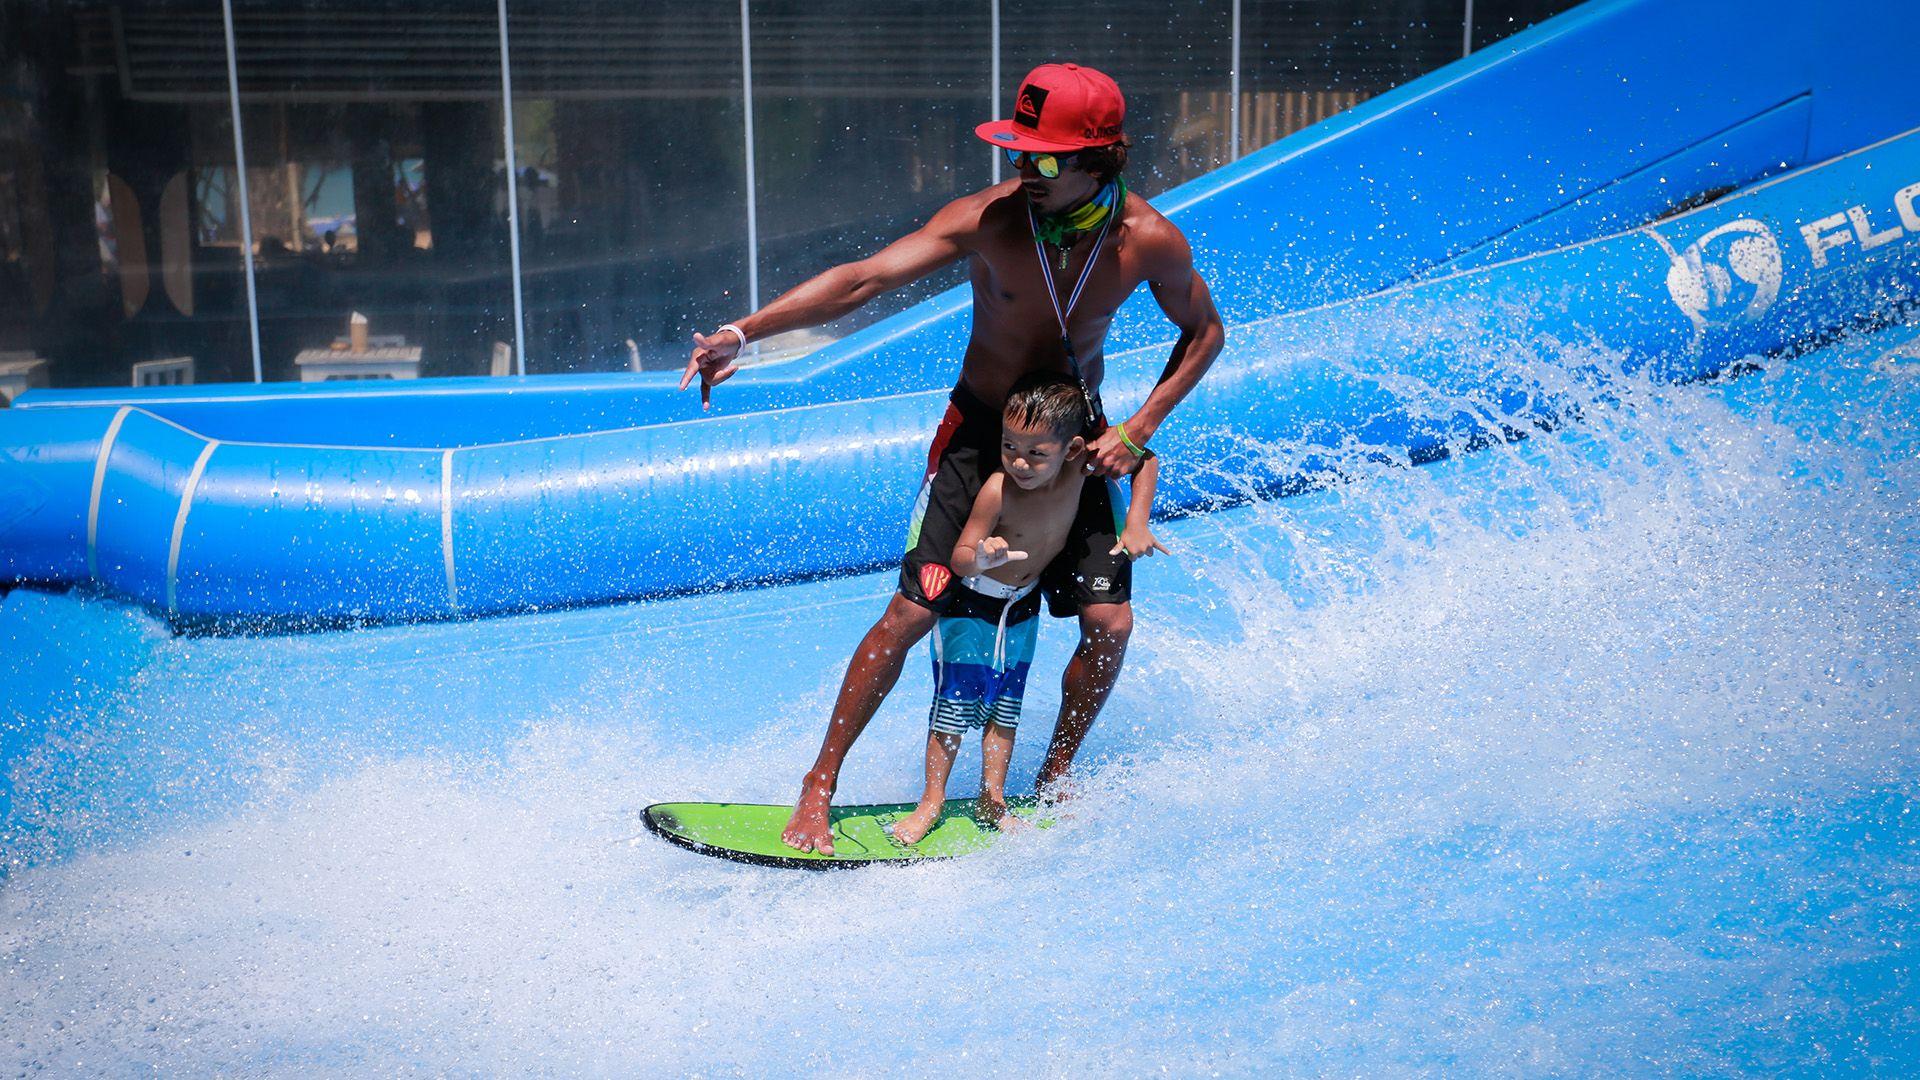 Kids activities Phuket